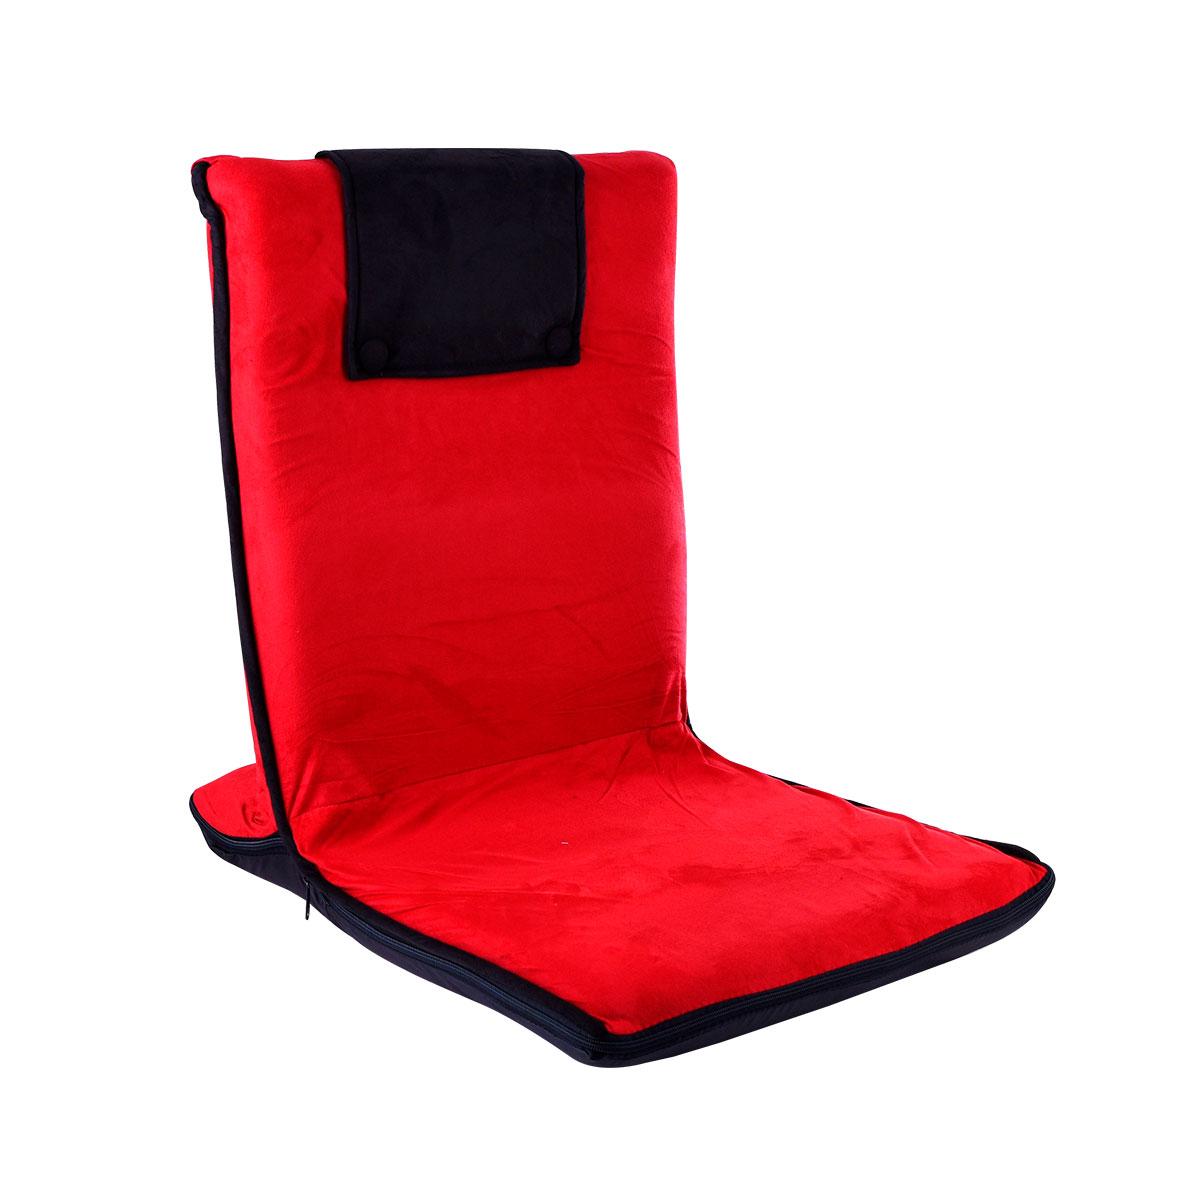 كرسي رحلات ارضي قابل للطي بمستوى جلوس واحد -  متعدد الالوان - 17002